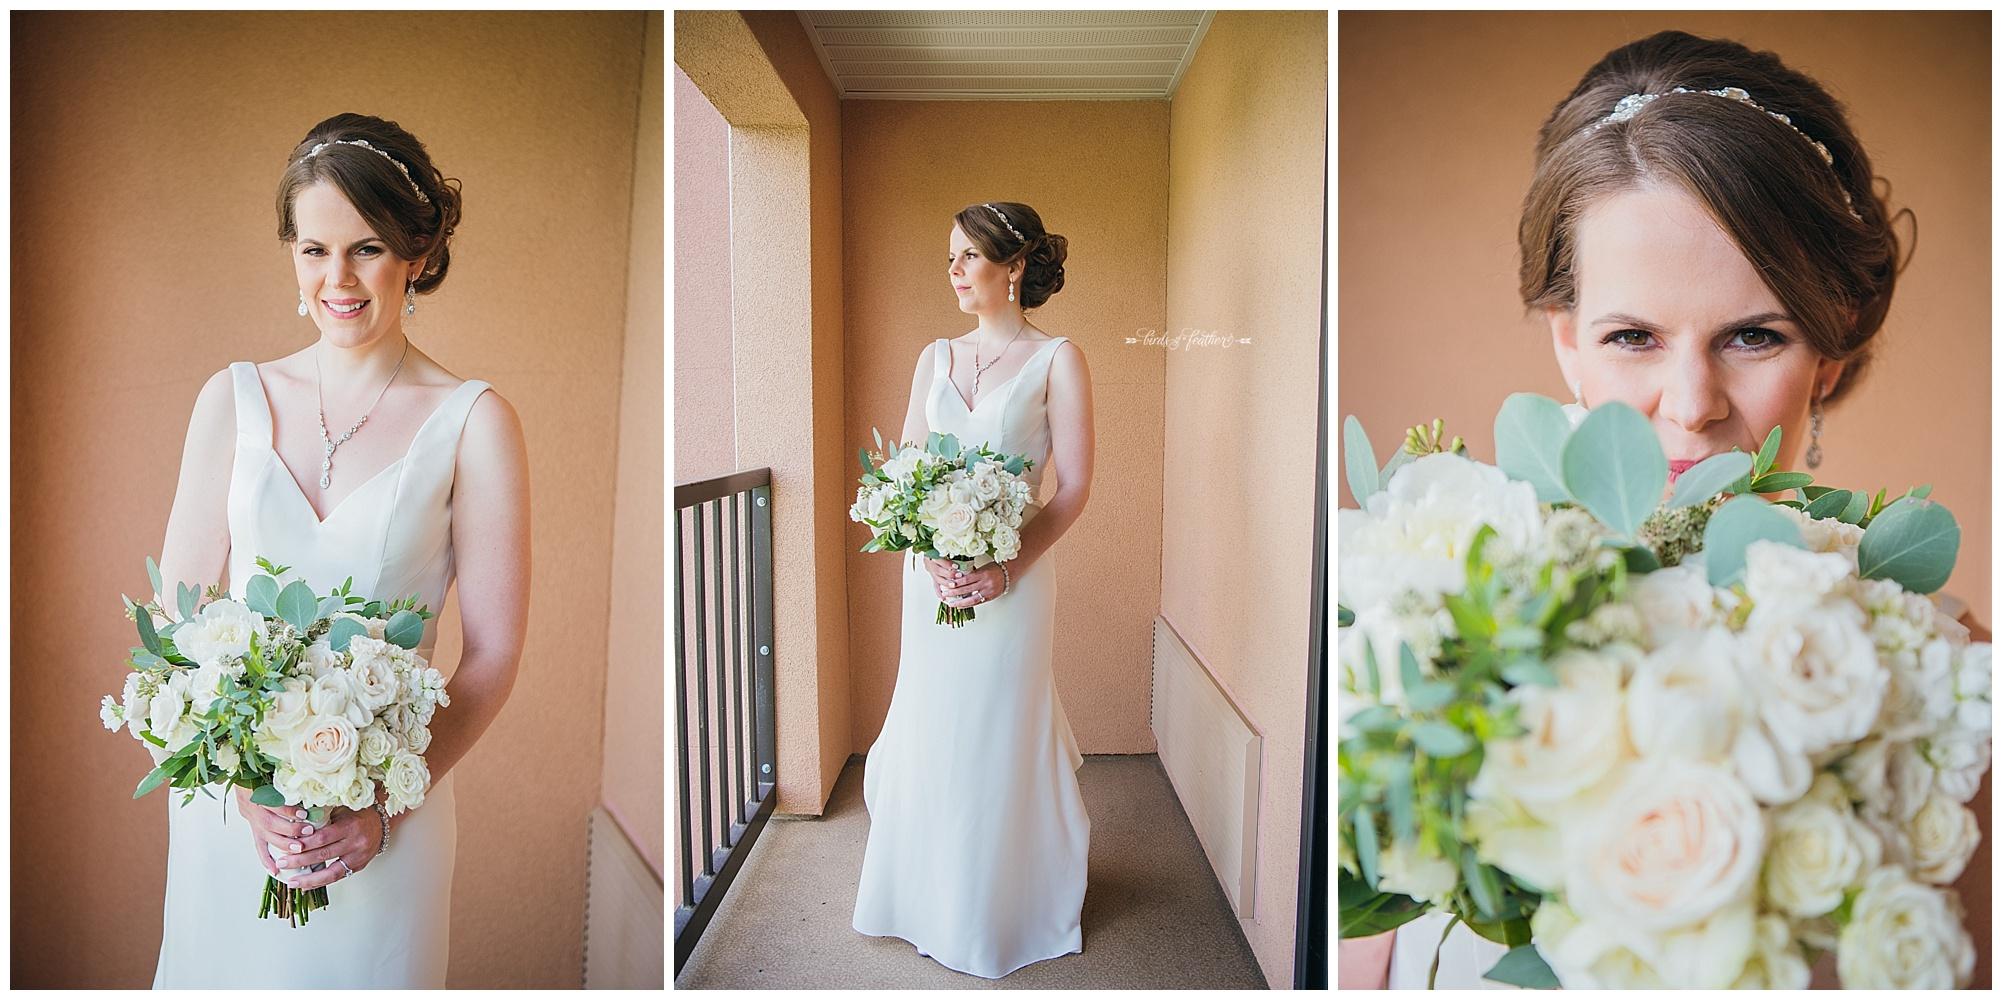 Birds of a Feather Photography, Lehigh University Wedding, Bethlehem Pa, Wedding Photography, Wedding Photographer